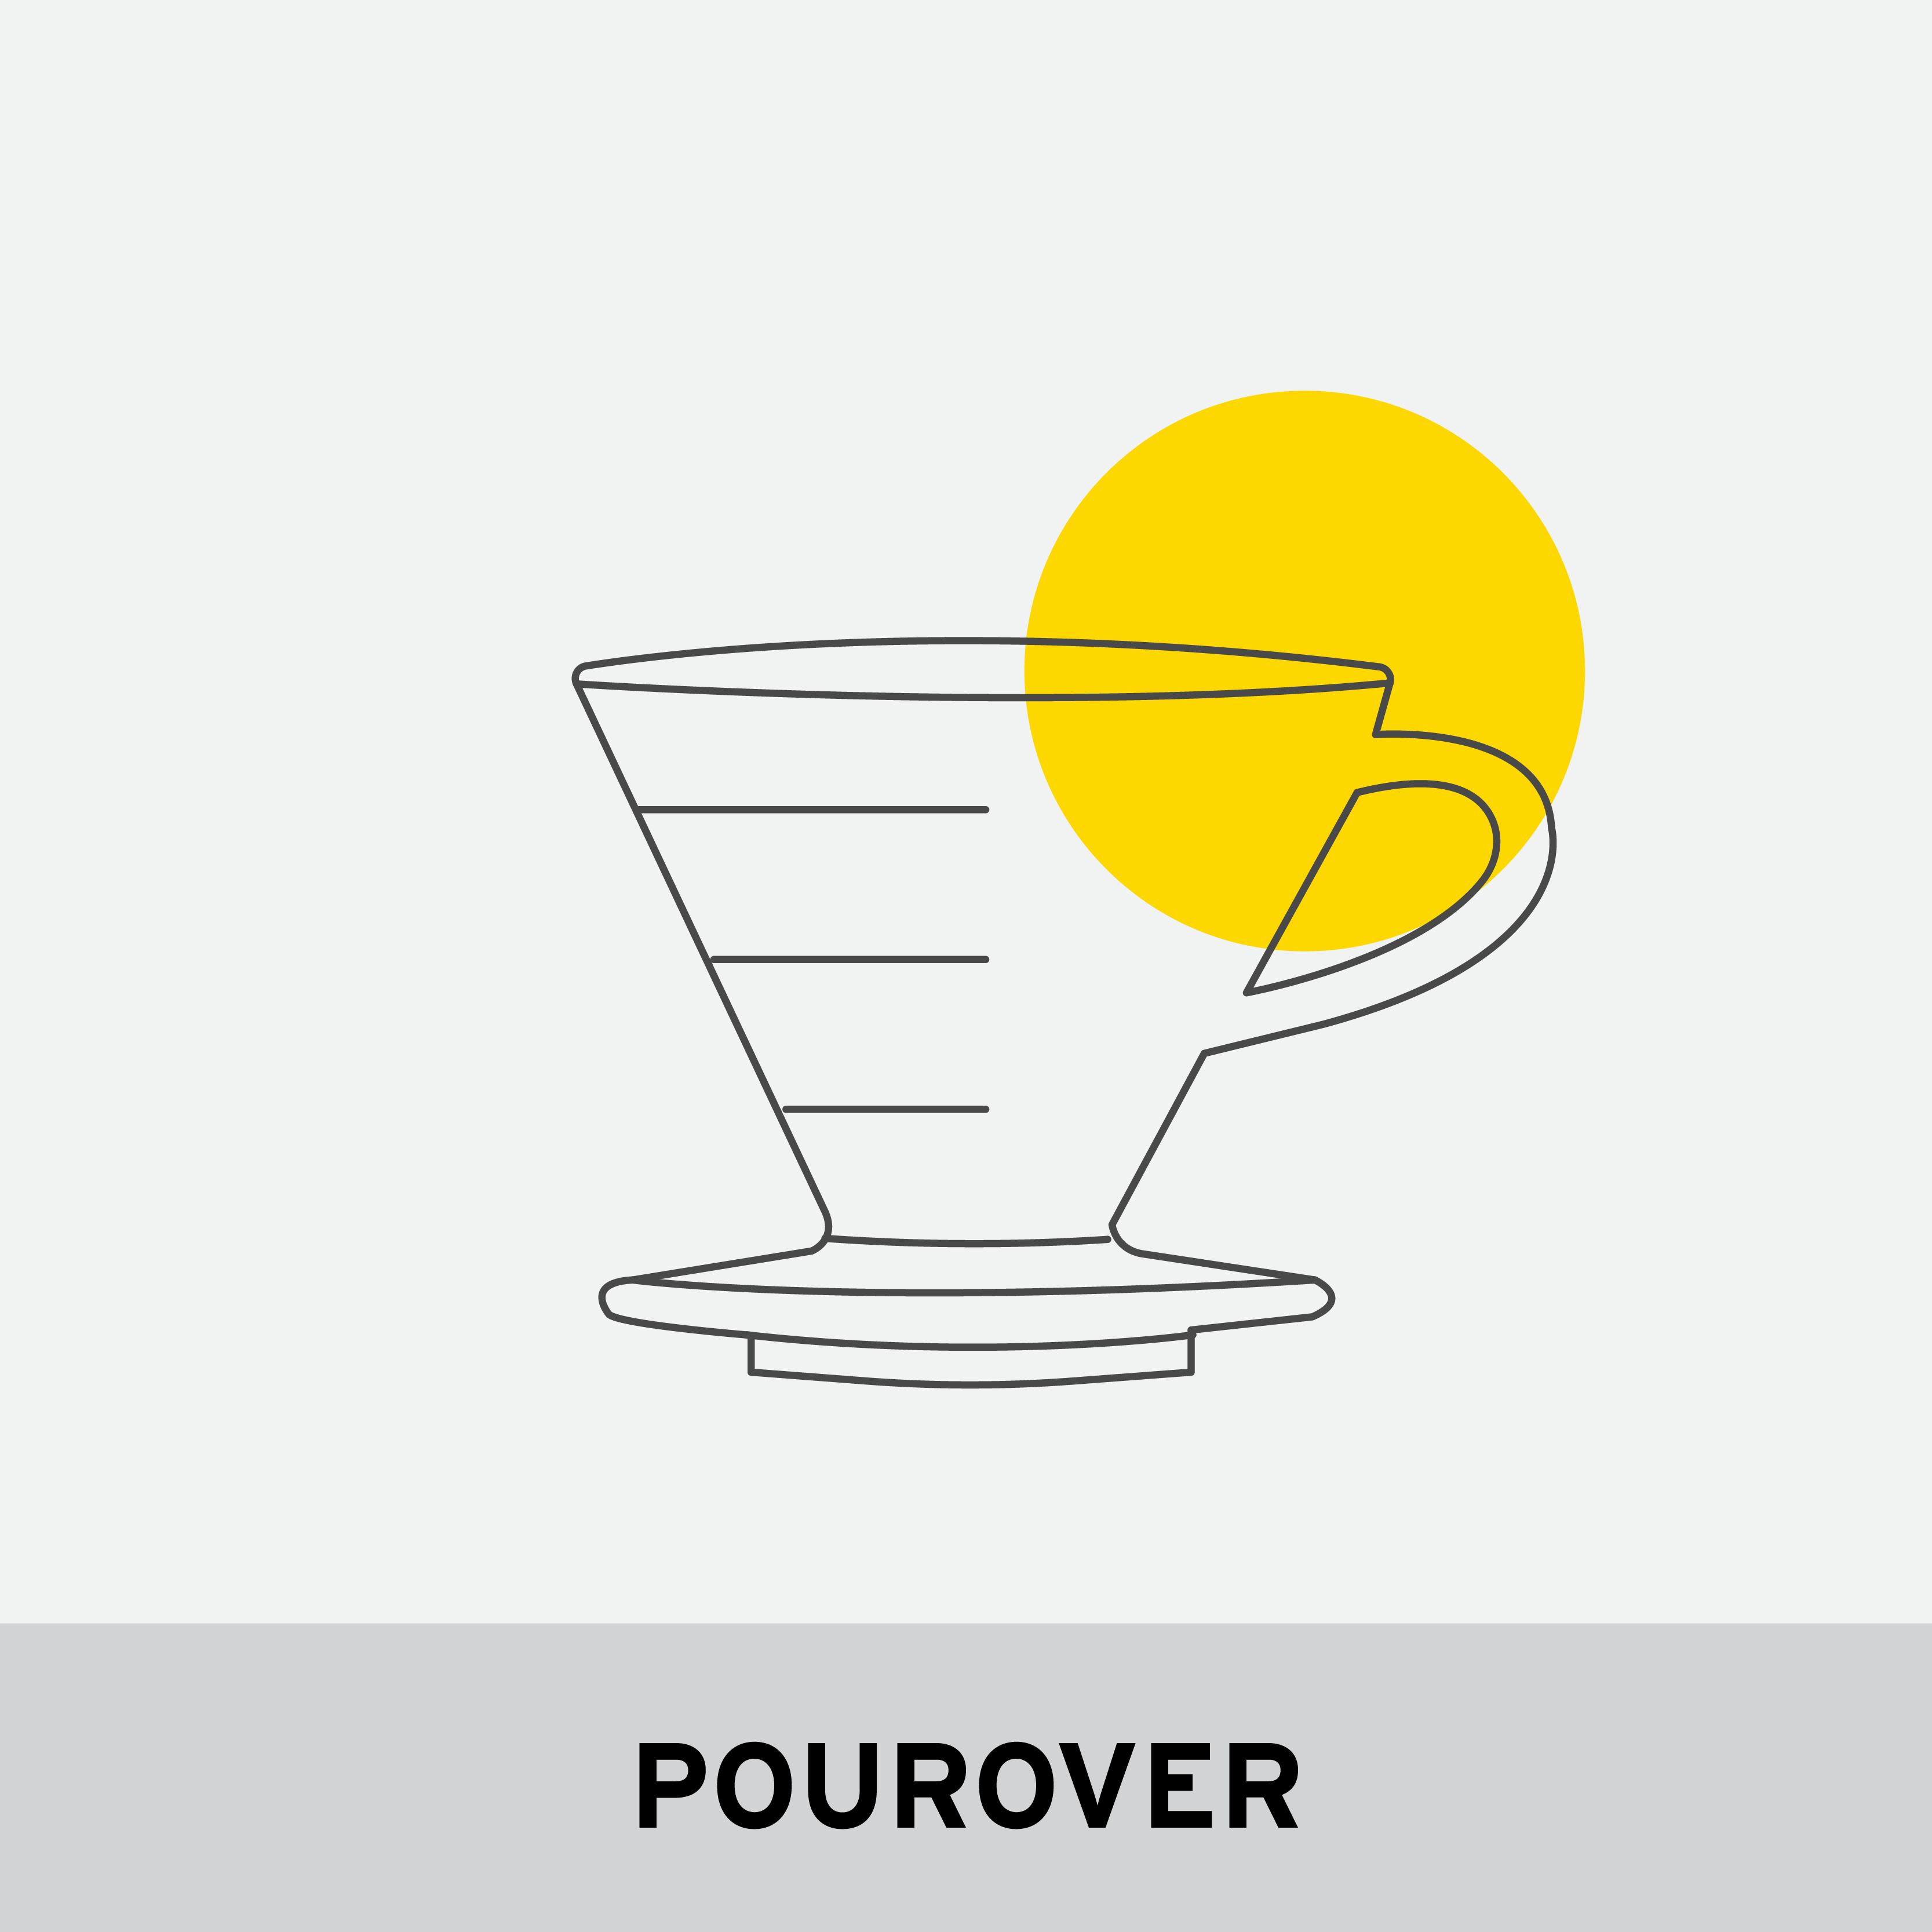 POUROVER